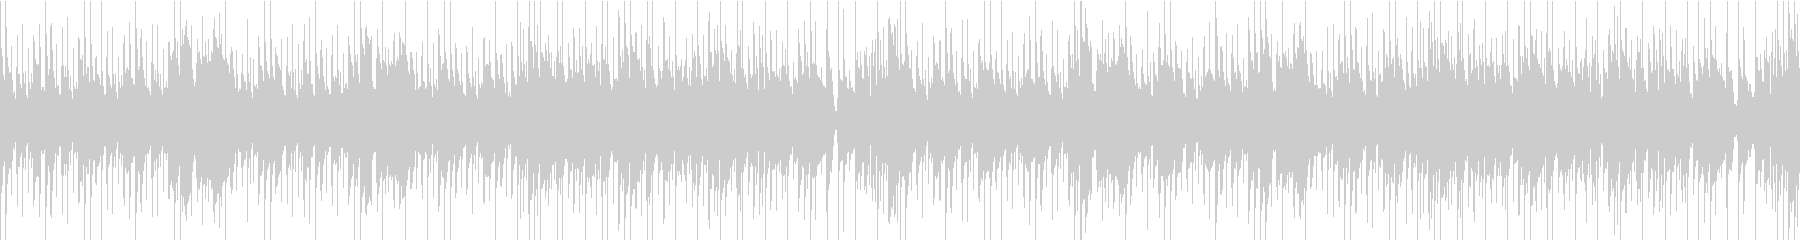 アコギのあたたかな雰囲気のループBGMの未再生の波形